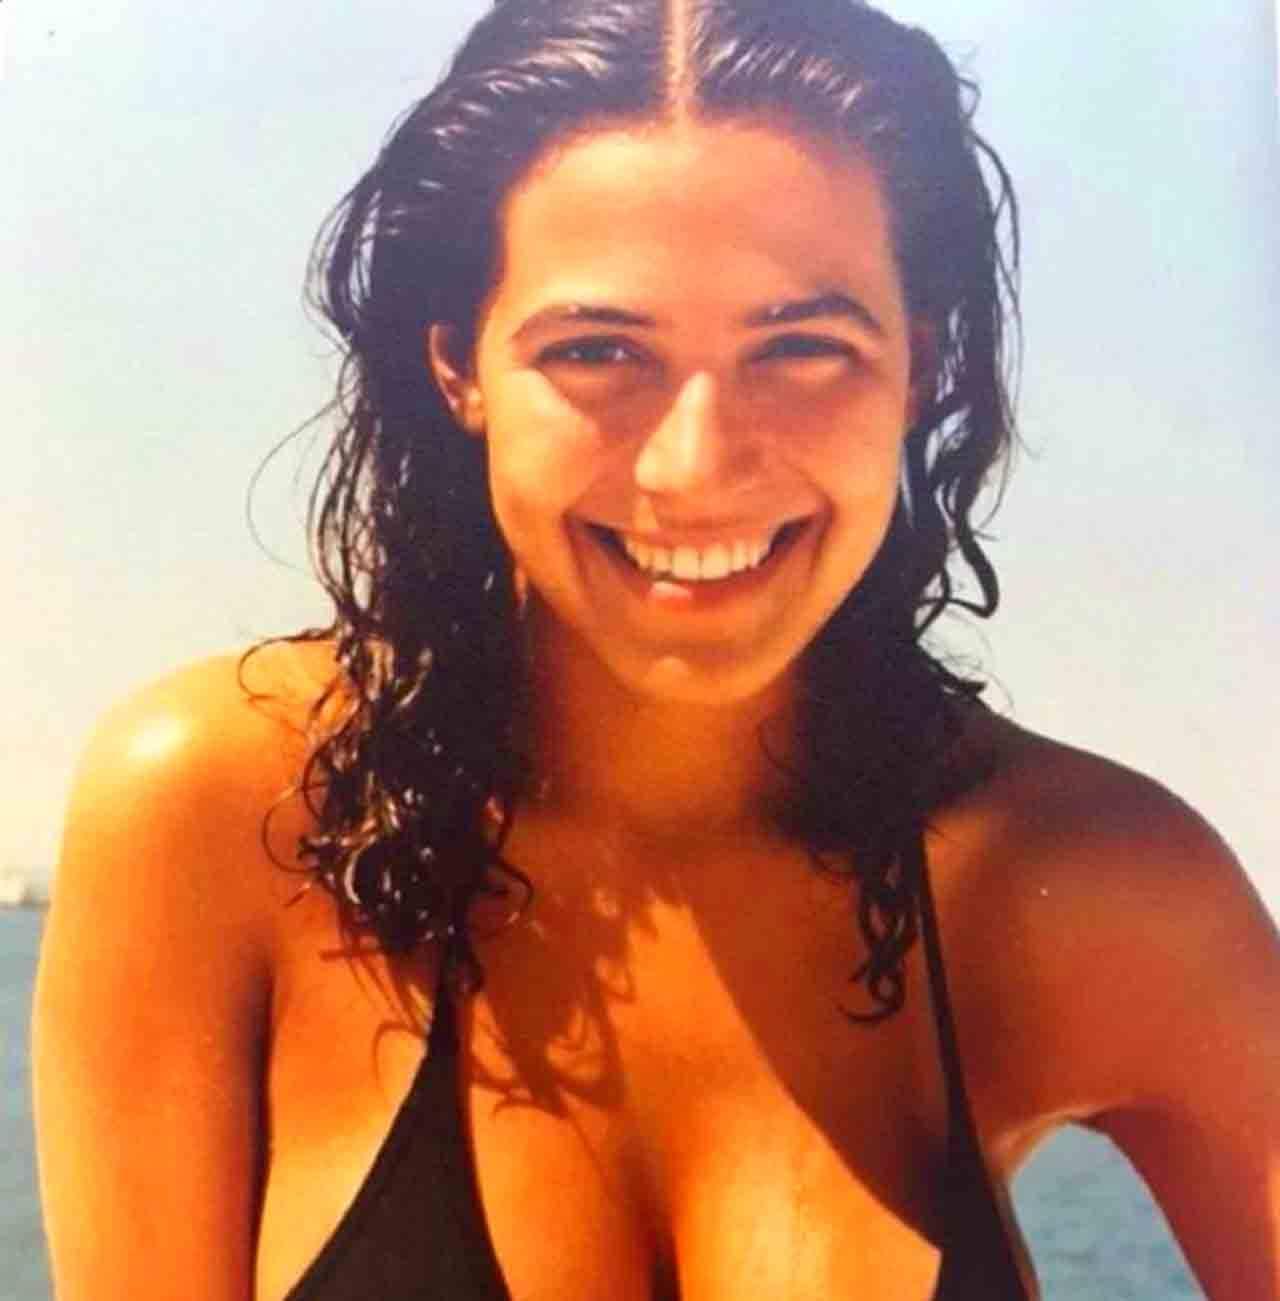 Barbara D'Urso come non l'avete mai vista: ecco una sua foto a 20 anni